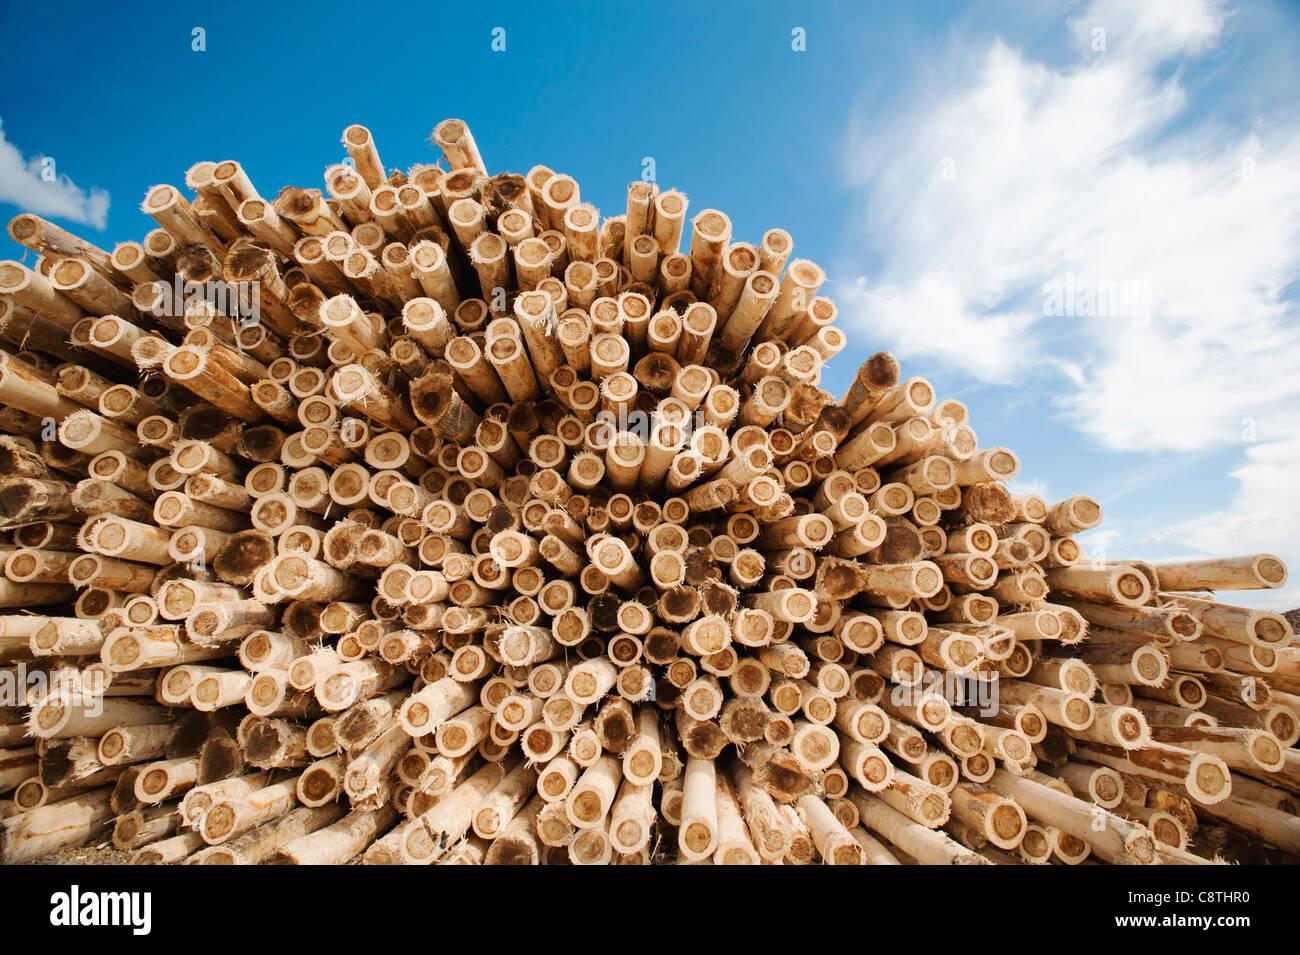 USA, Ohio, Boardman, de la pile de bois contre le ciel bleu Photo Stock